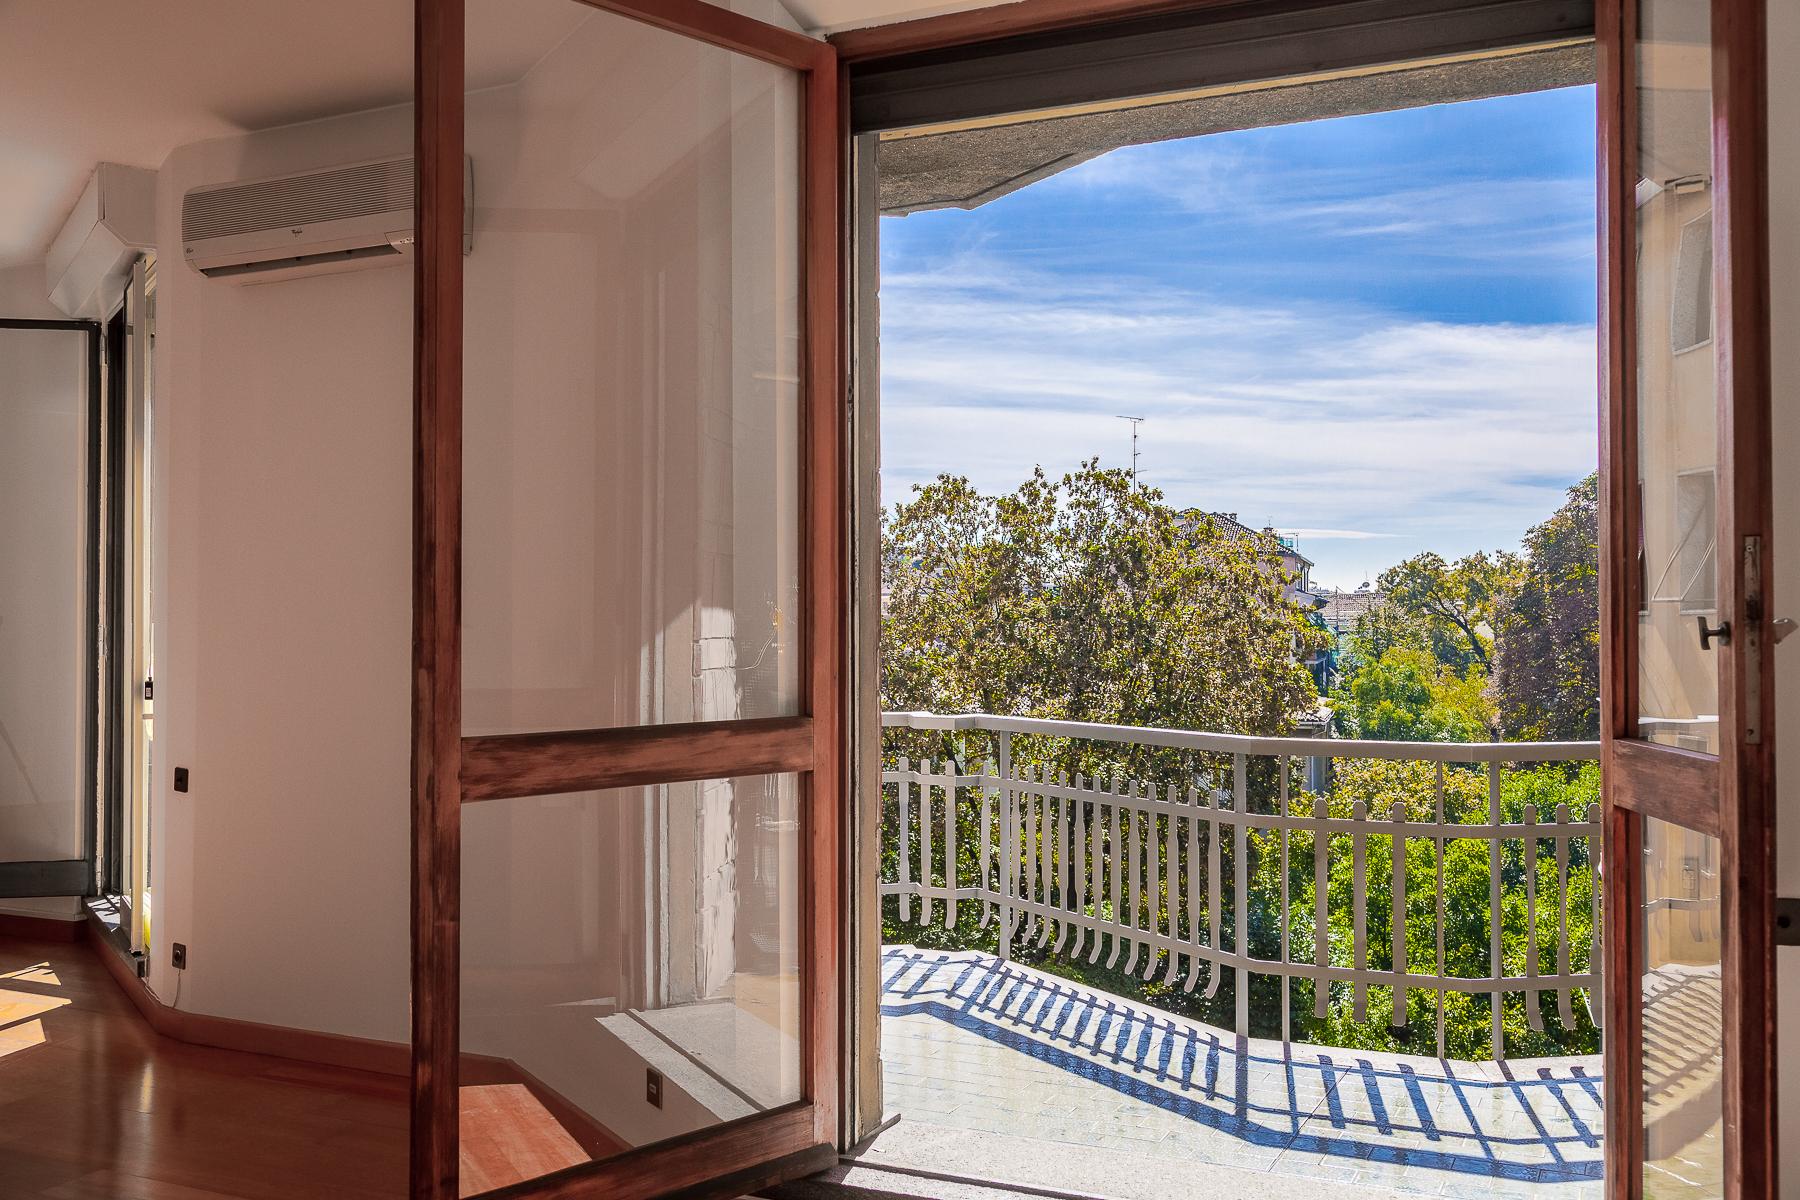 Appartamento in Vendita a Milano 01 Centro storico (Cerchia dei Navigli): 5 locali, 193 mq